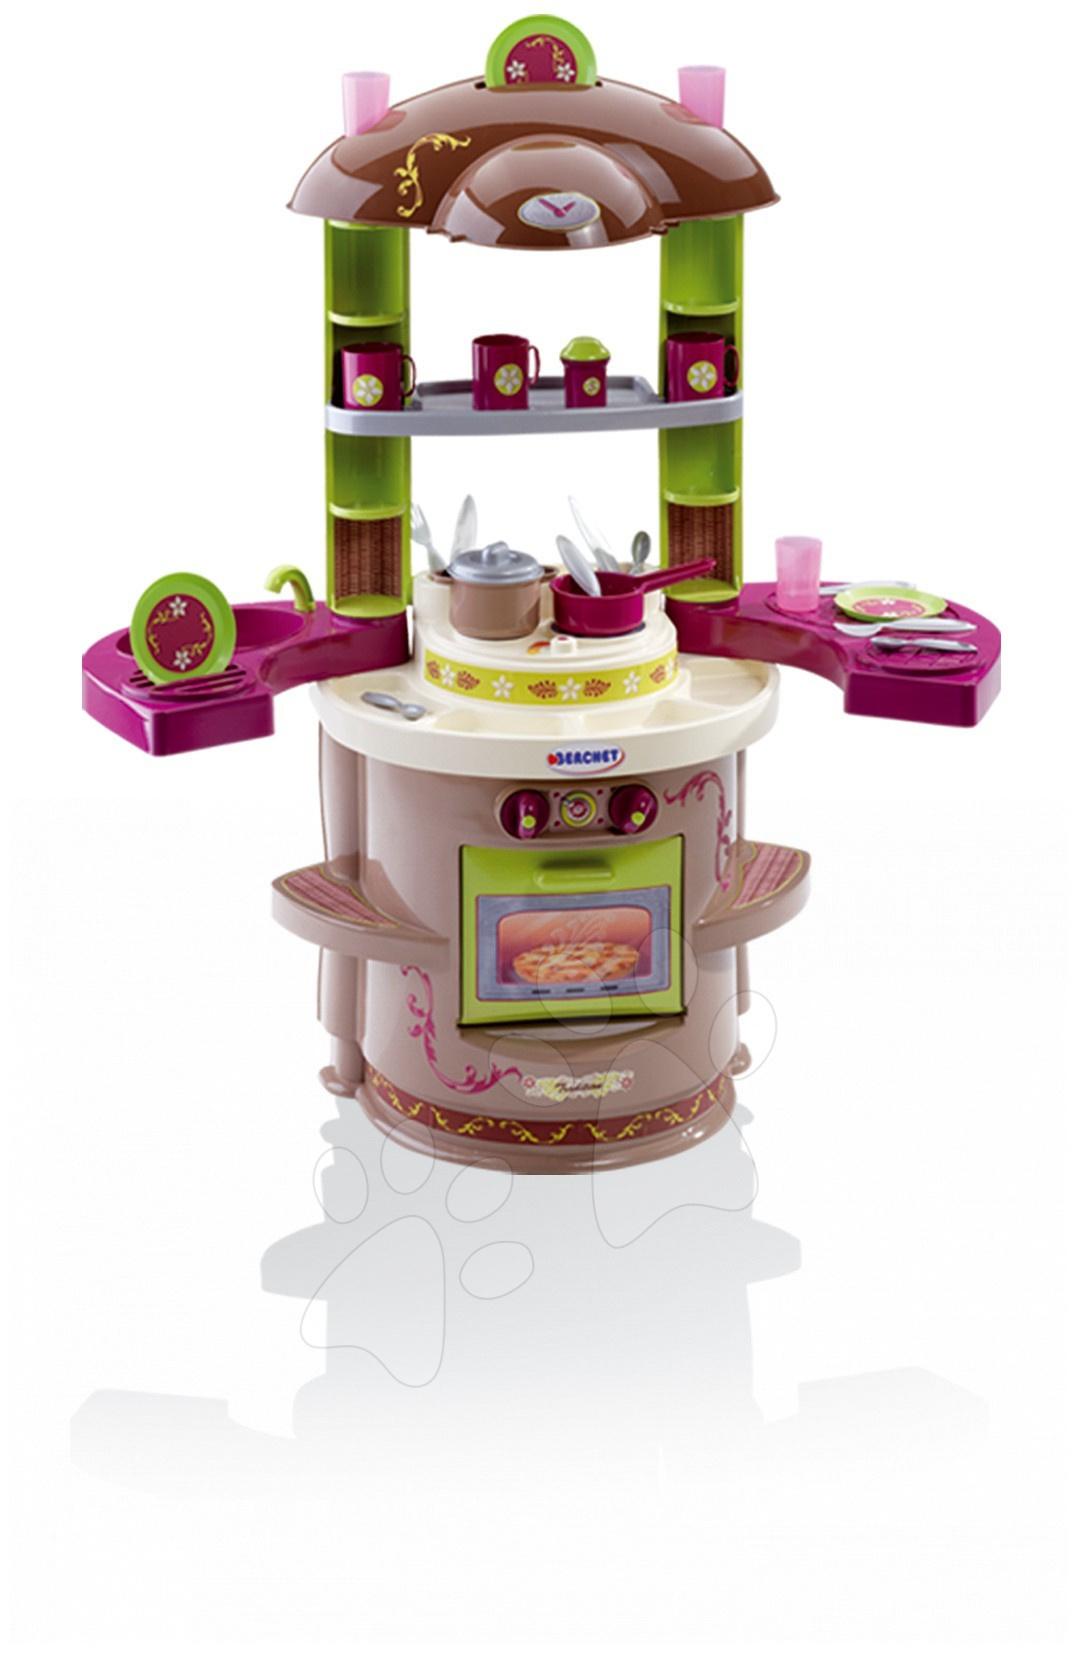 Régi termékek - Játékkonyha Ma Premier Tradition Smoby kihajtható szárnyakkal 18 darab kiegészítővel